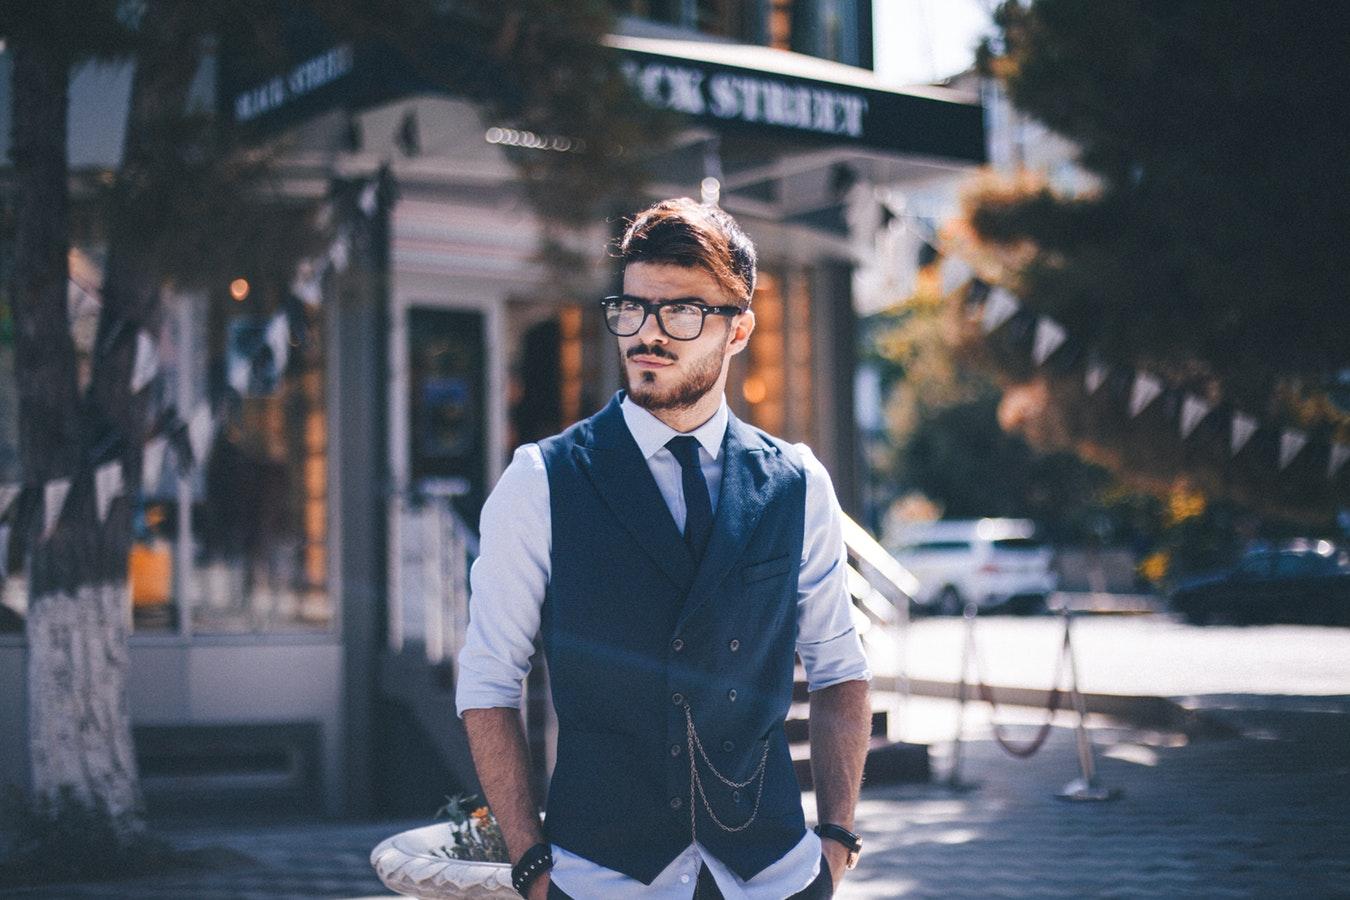 Tipi di uomini che piacciono alle donne: la classifica [FOTO]